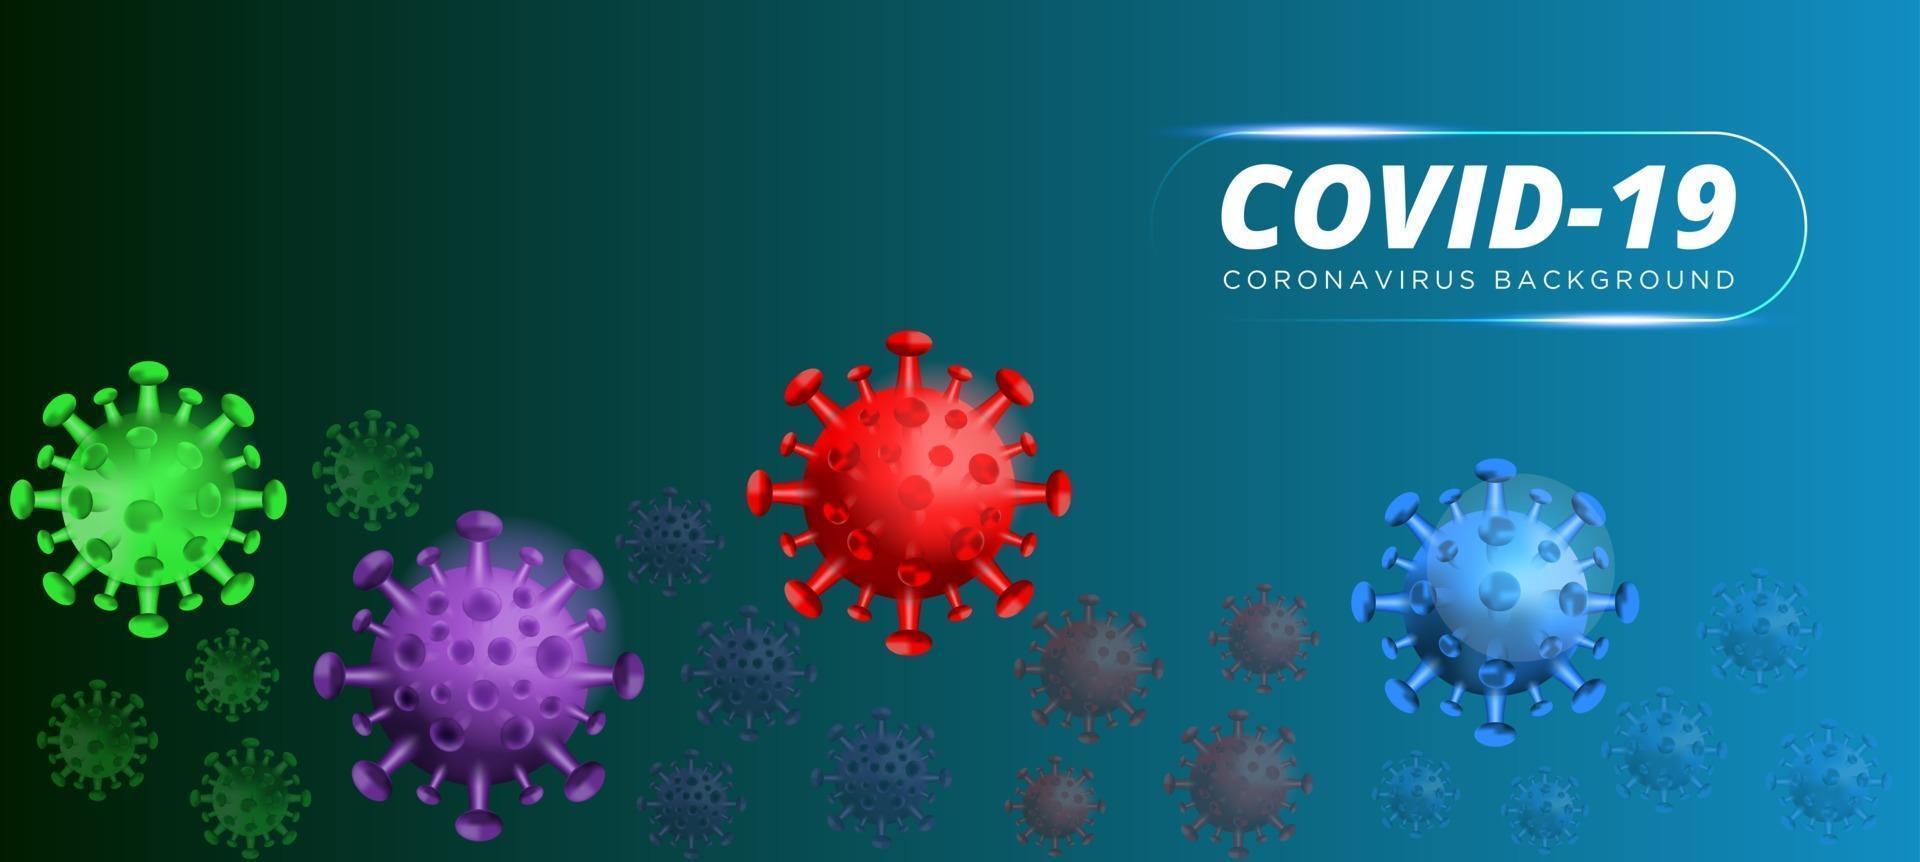 Covid19. Ausbruch des Coronavirus, Epidemie der Viruserkrankung, 3D-Darstellung des Virus, Illustration des Organismus. blauer Hintergrund mit realistischen 3d Viruszellen. 3D-Illustration. vektor